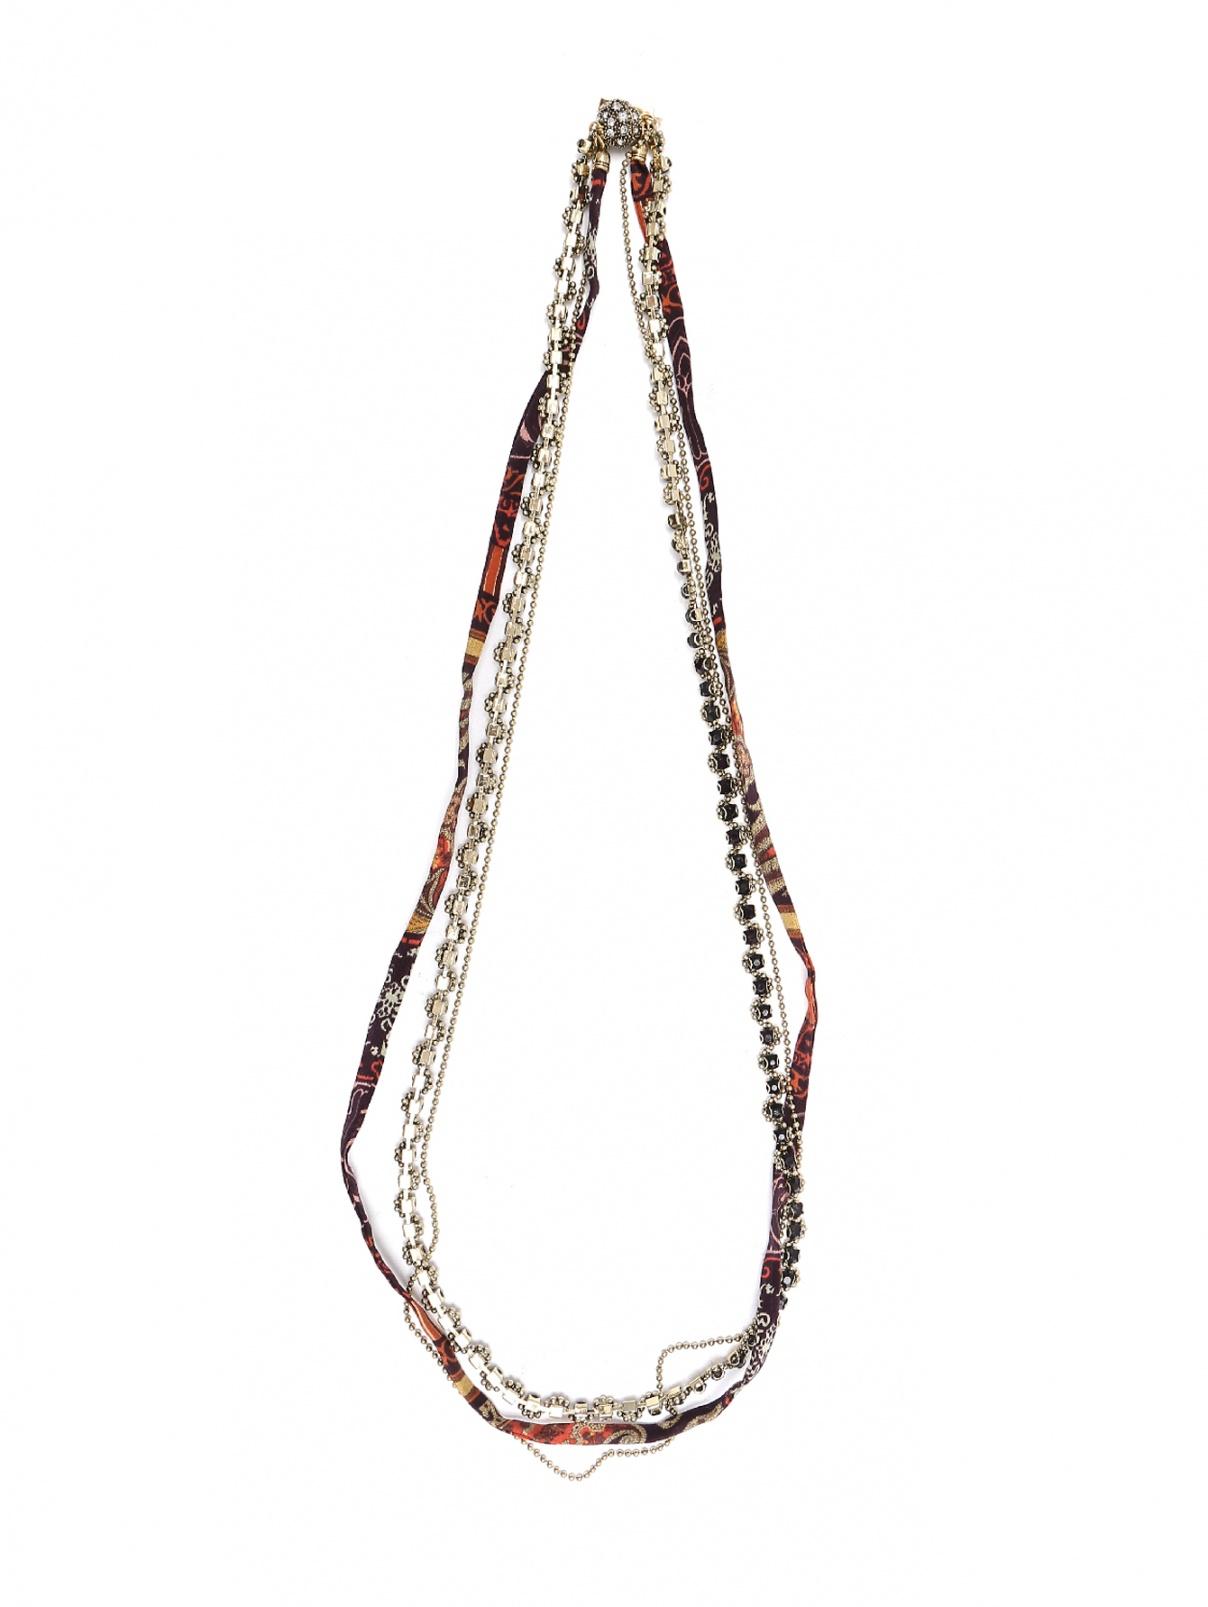 Ожерелье из медной цепочки, декорированной кристаллами и шелковой ленты Etro  –  Общий вид